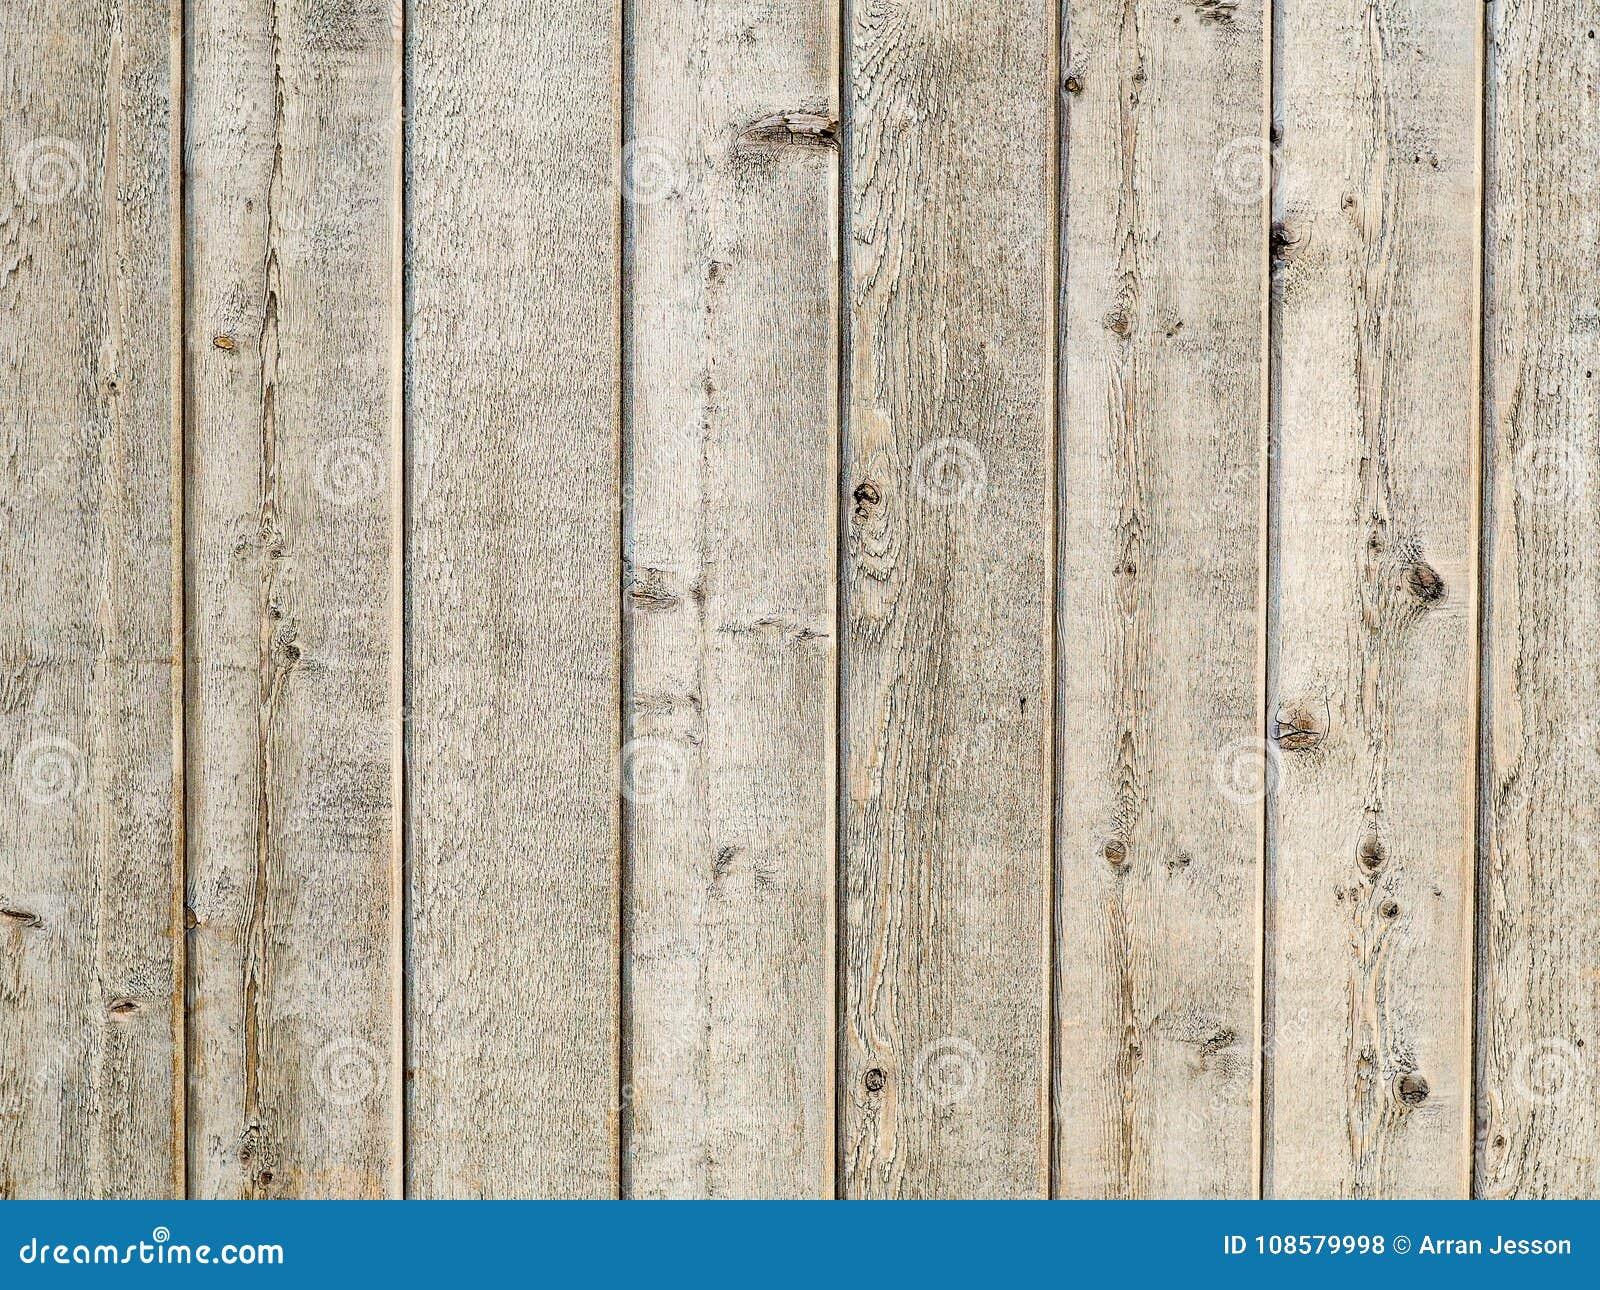 自然木盘区排柱背景,乡村模式